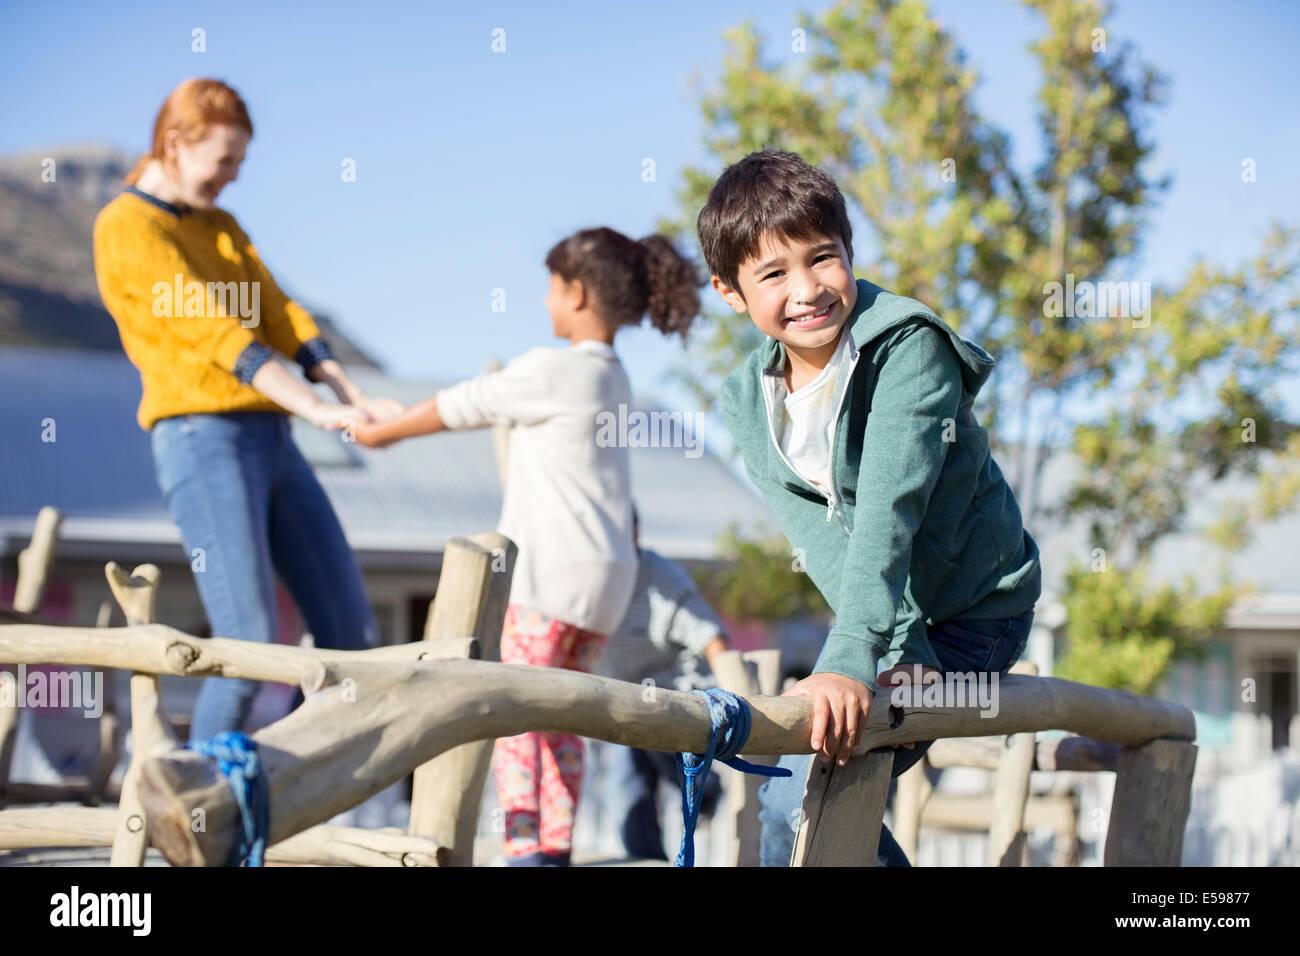 Le professeur et les élèves jouent dehors Photo Stock